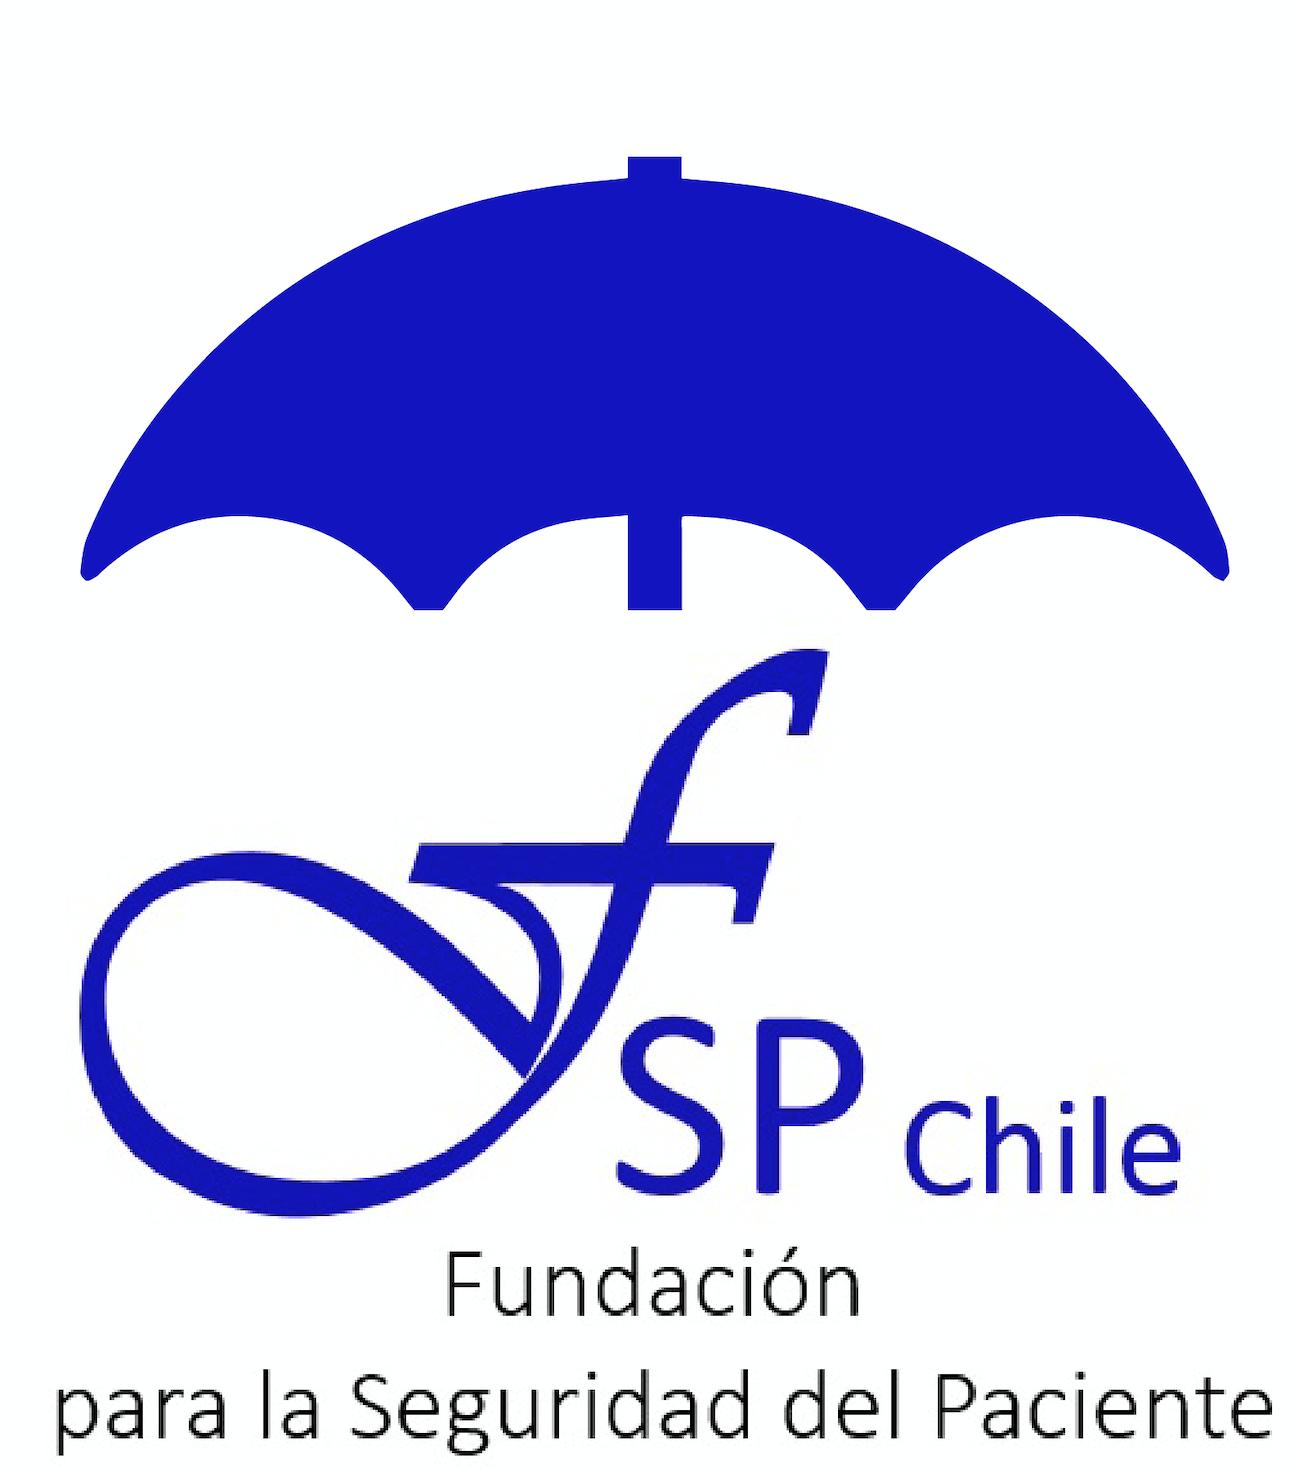 REVISTA CHILENA DE SEGURIDAD DEL PACIENTE